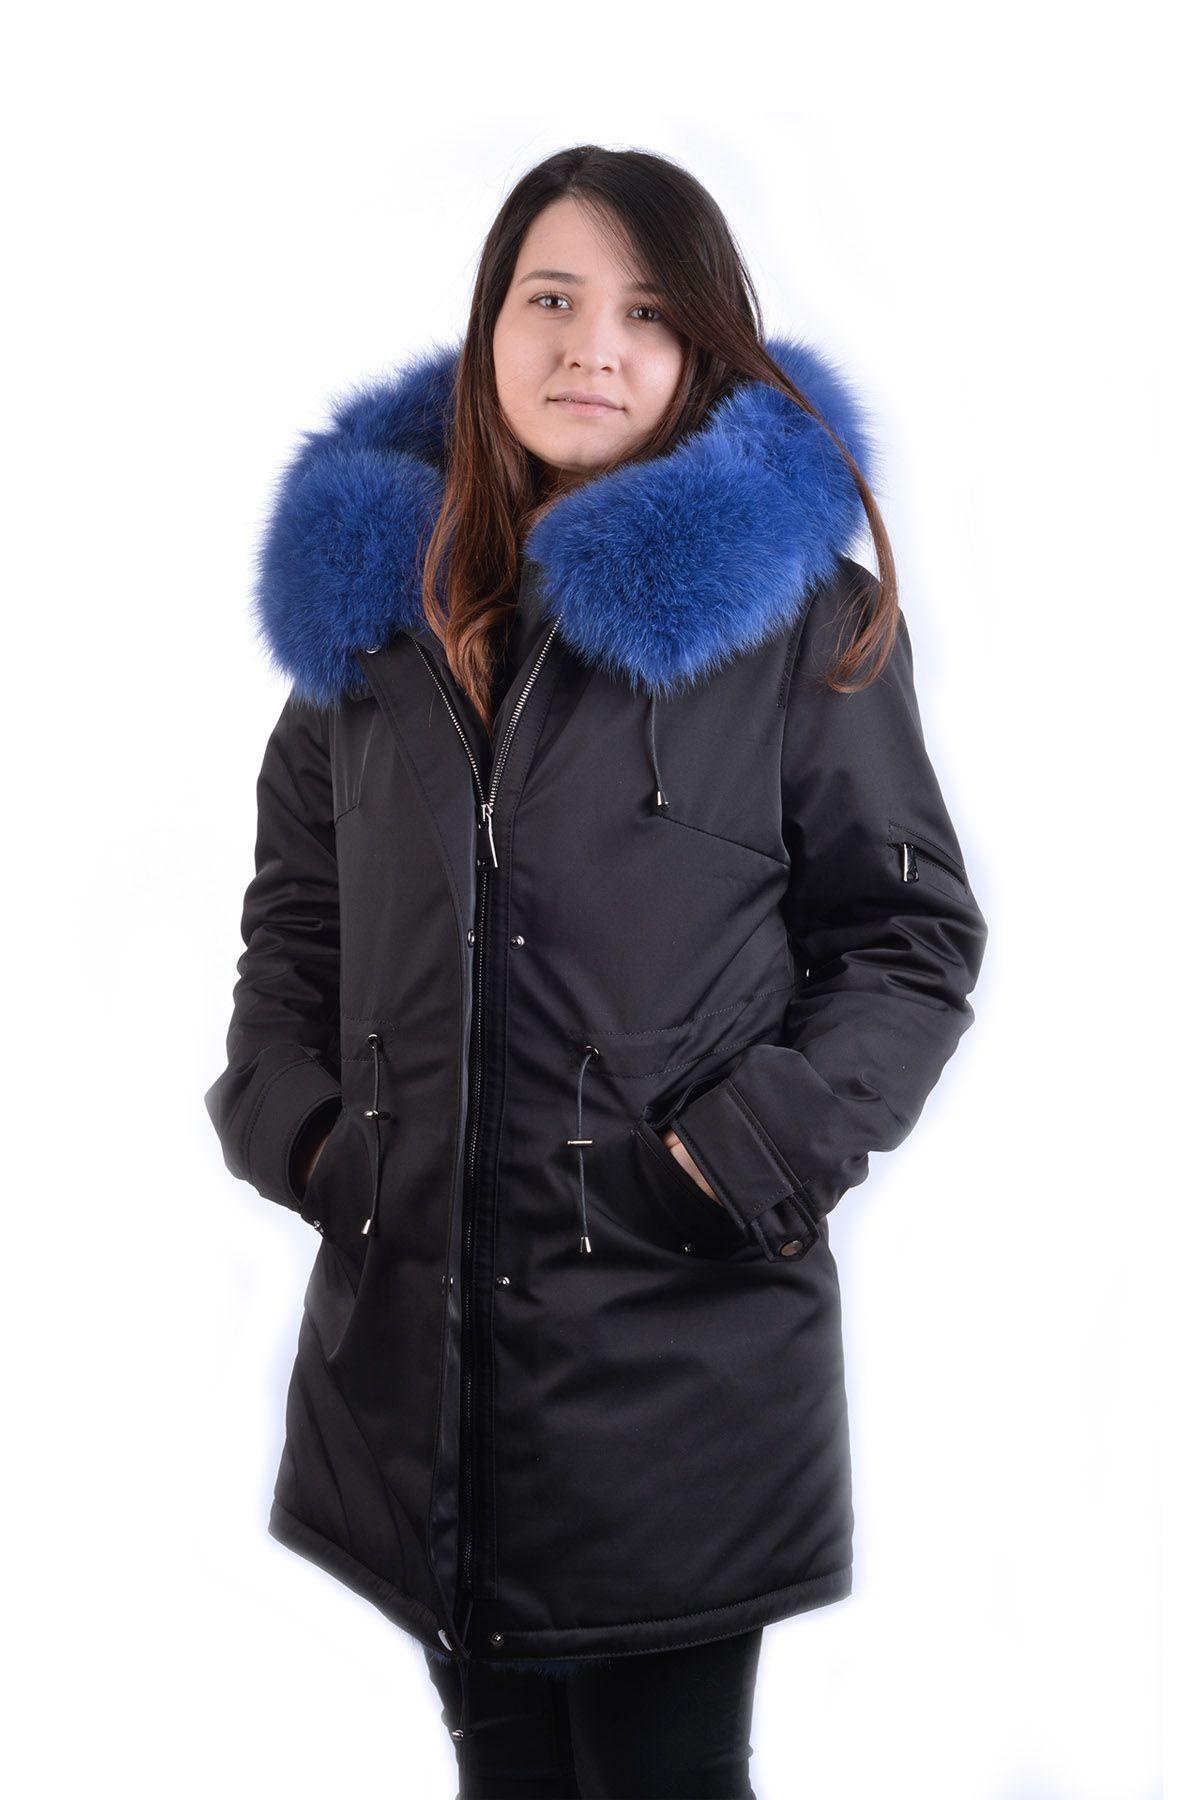 Pegia Hakiki Kürk Kapşonlu Trend Bayan Mont 17CB19 Siyah